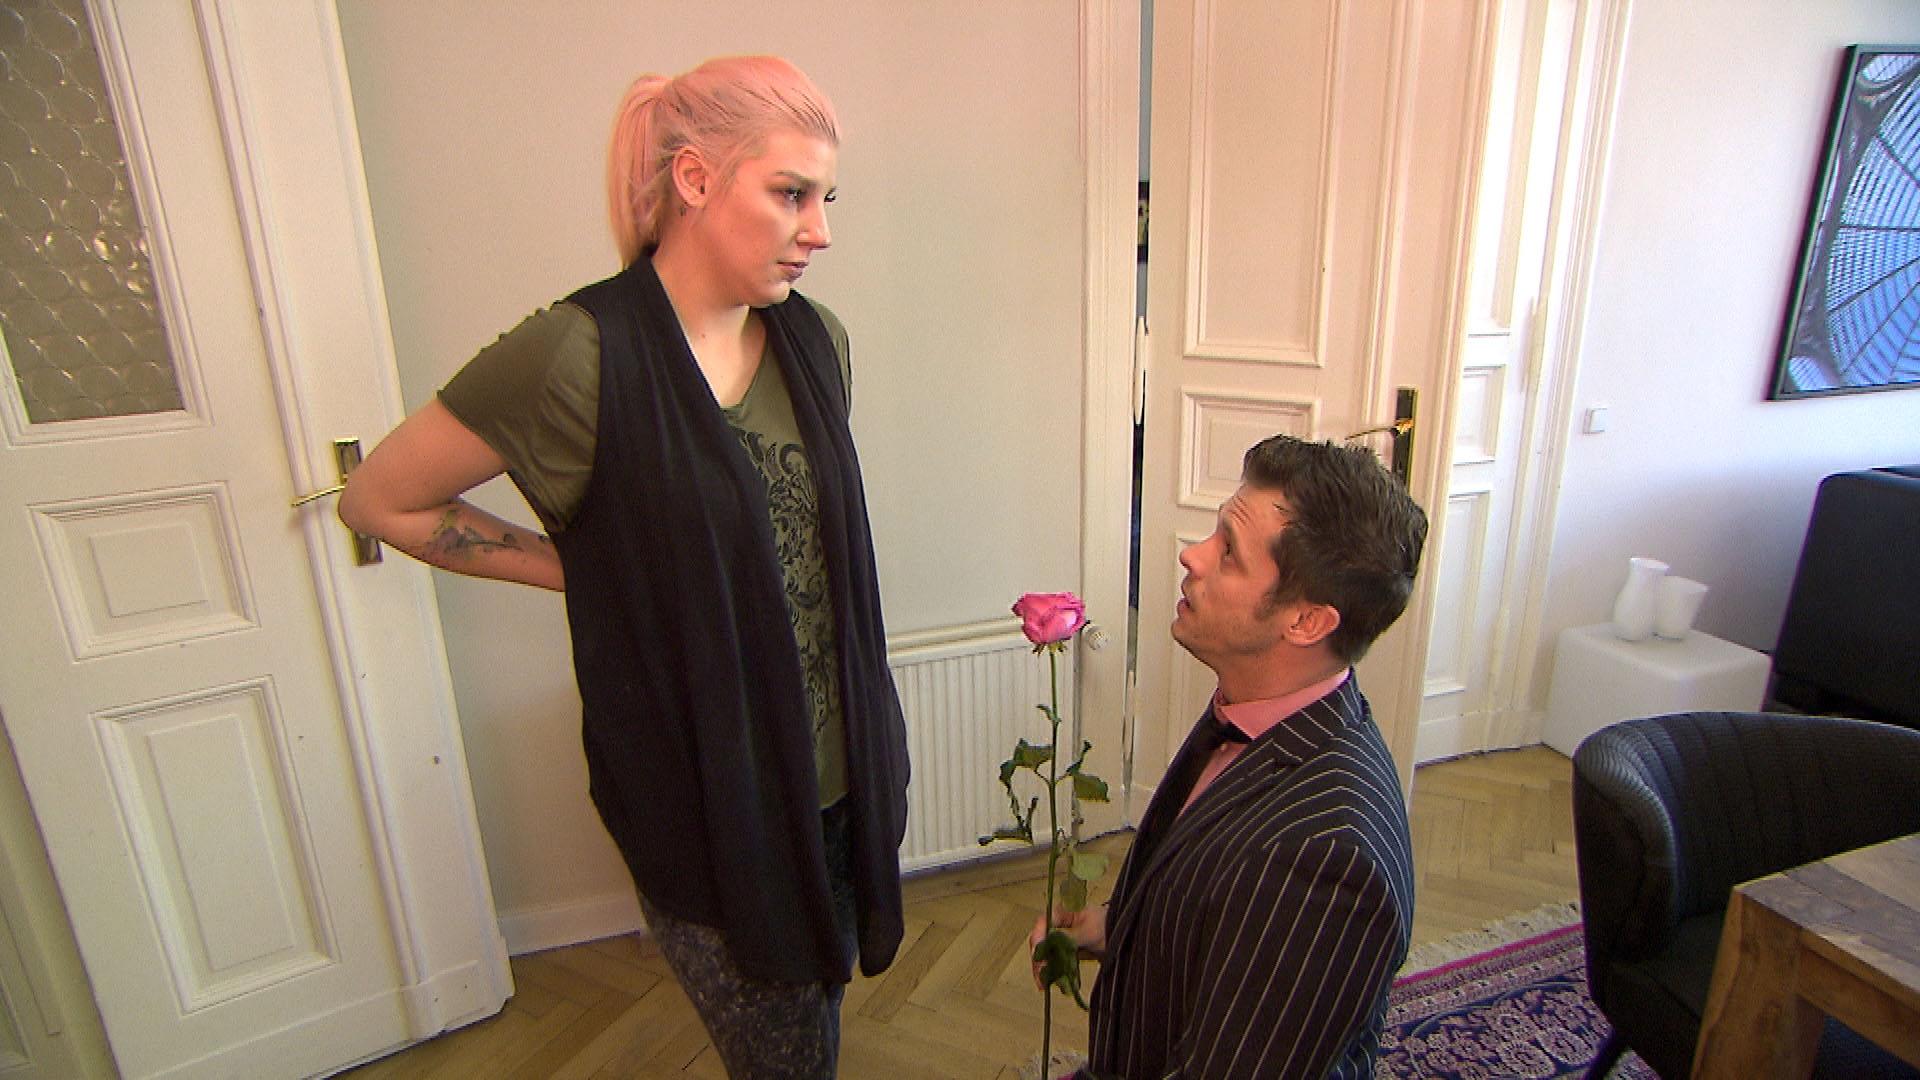 Basti (li.) hat eine Idee, wie er Paula (re.) seine Liebe beweisen kann, um sich wieder mit ihr zu versöhnen. Er startet eine Riesenaktion und spannt dafür Joe und all seine Mitbewohner ein. (Quelle: RTL 2)